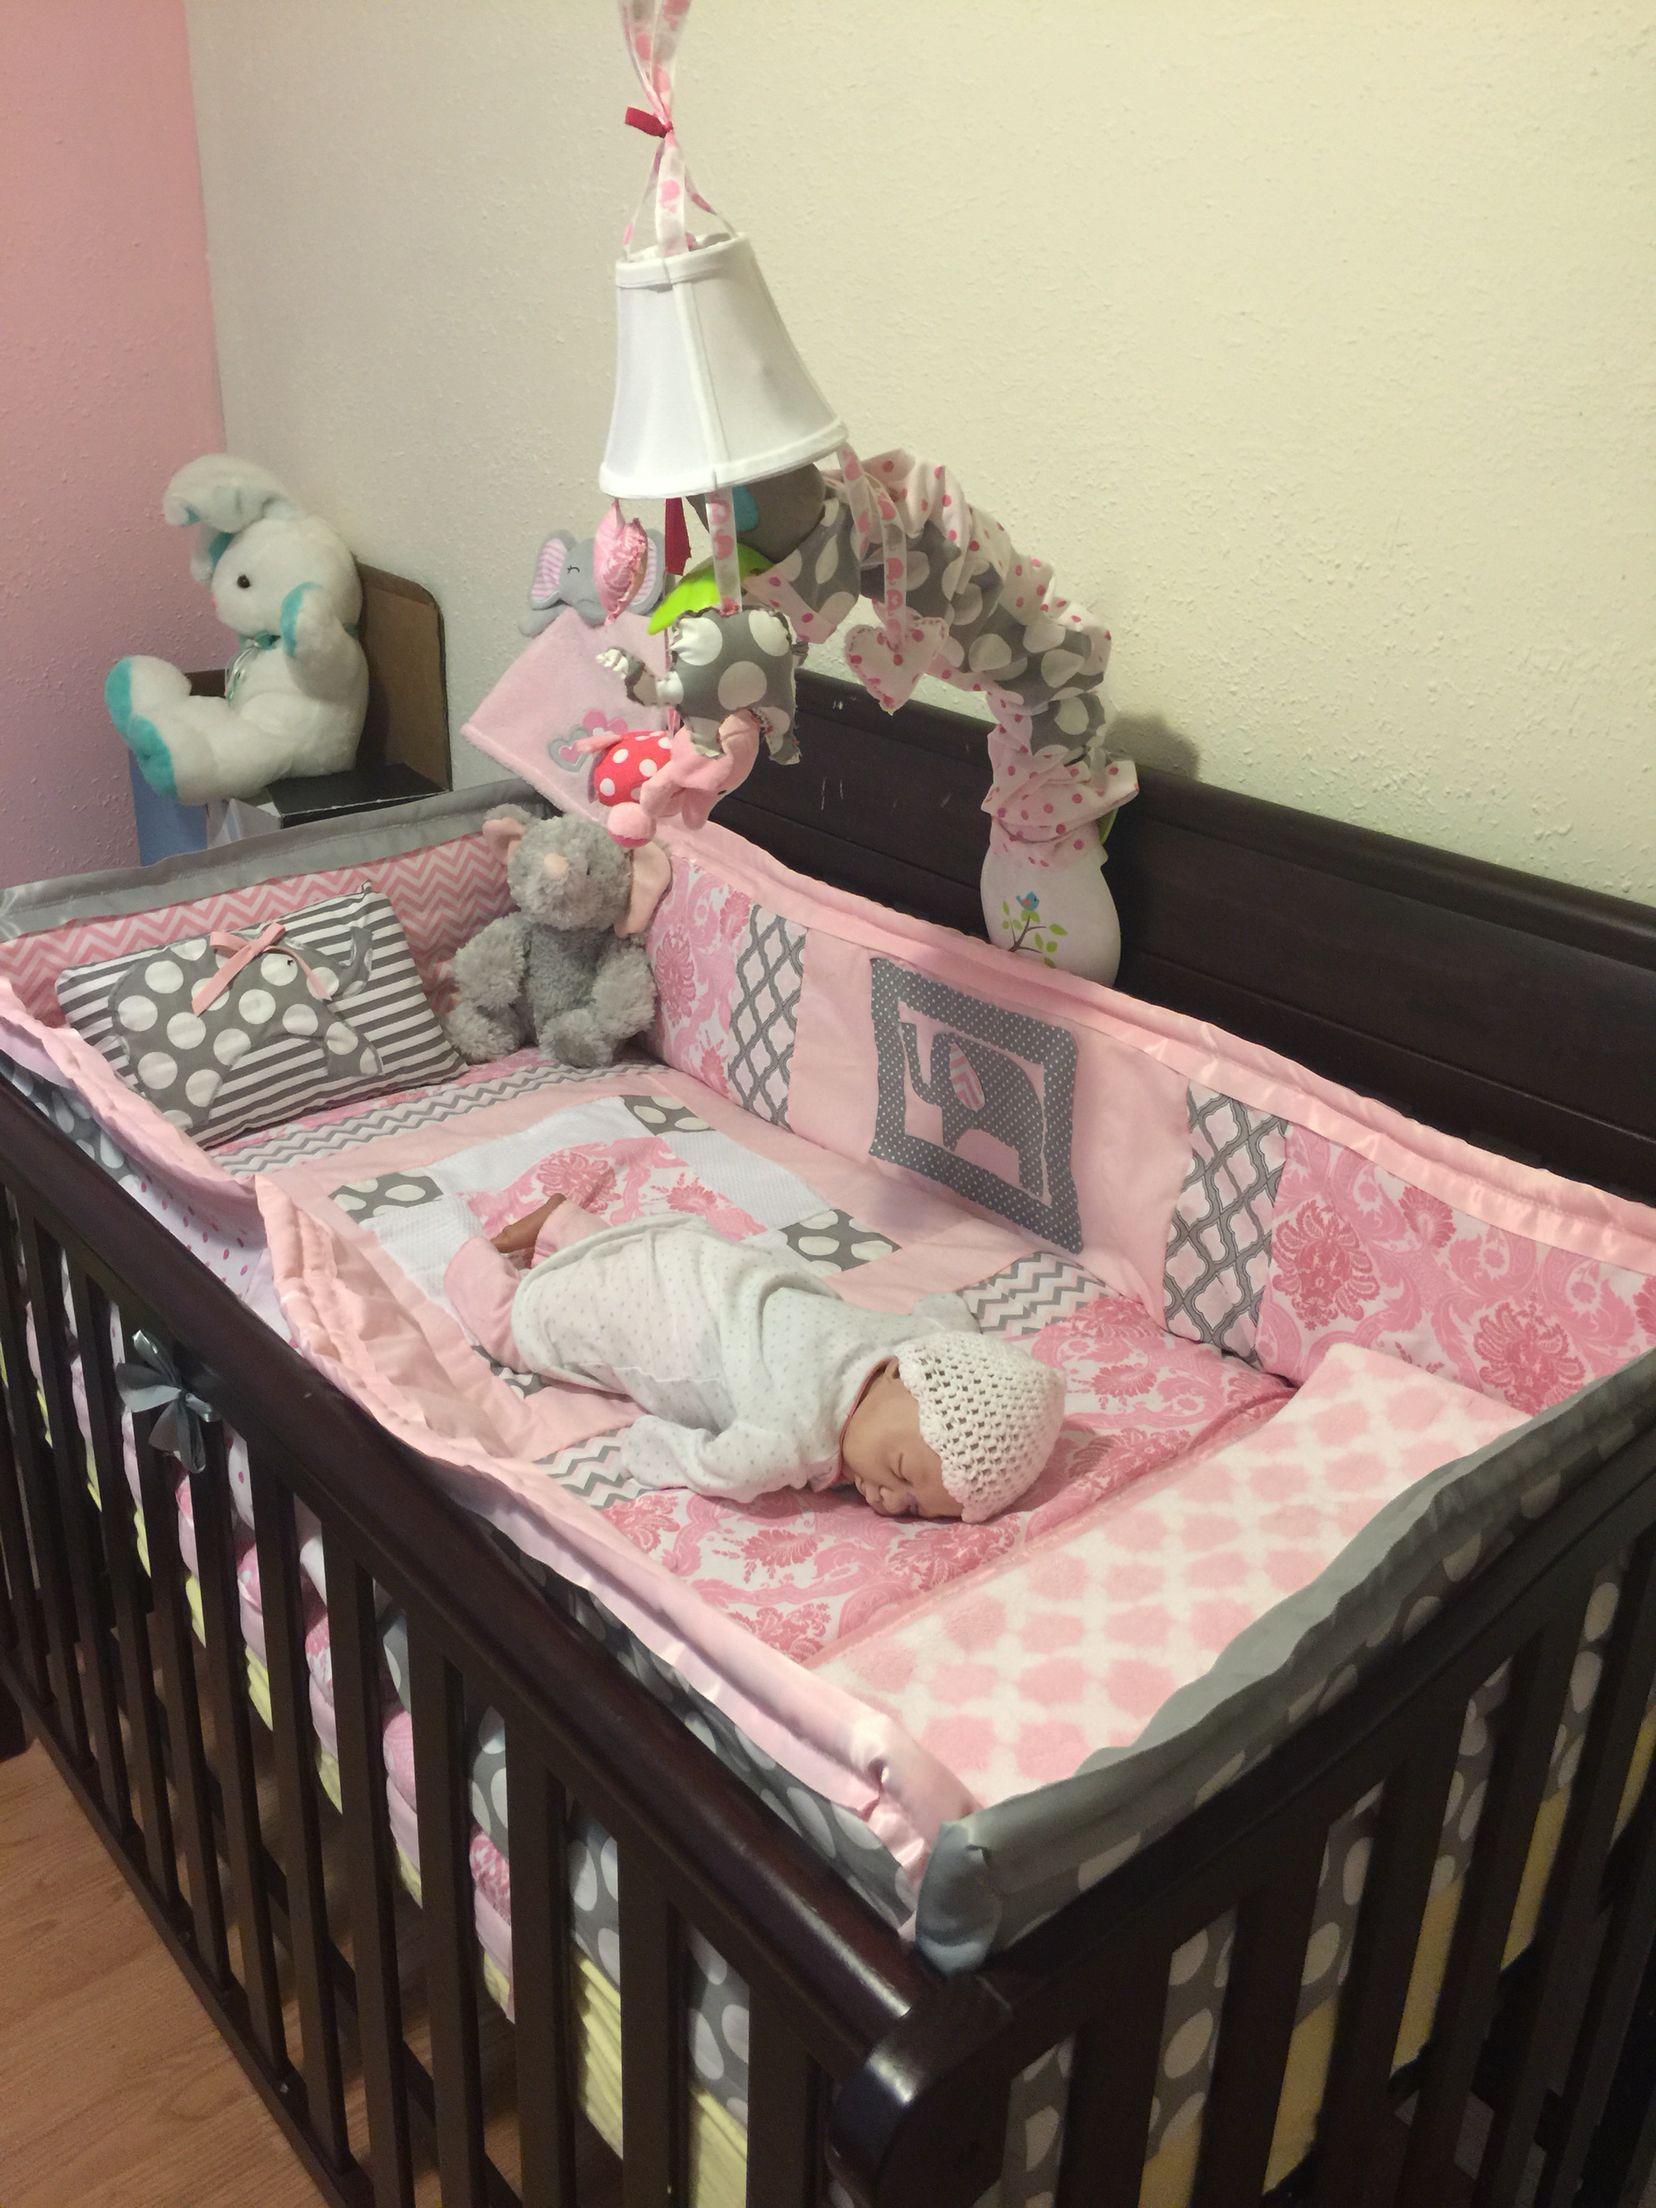 Nursery Bedding Pink And Grey Elephants Baby Girl Room Baby